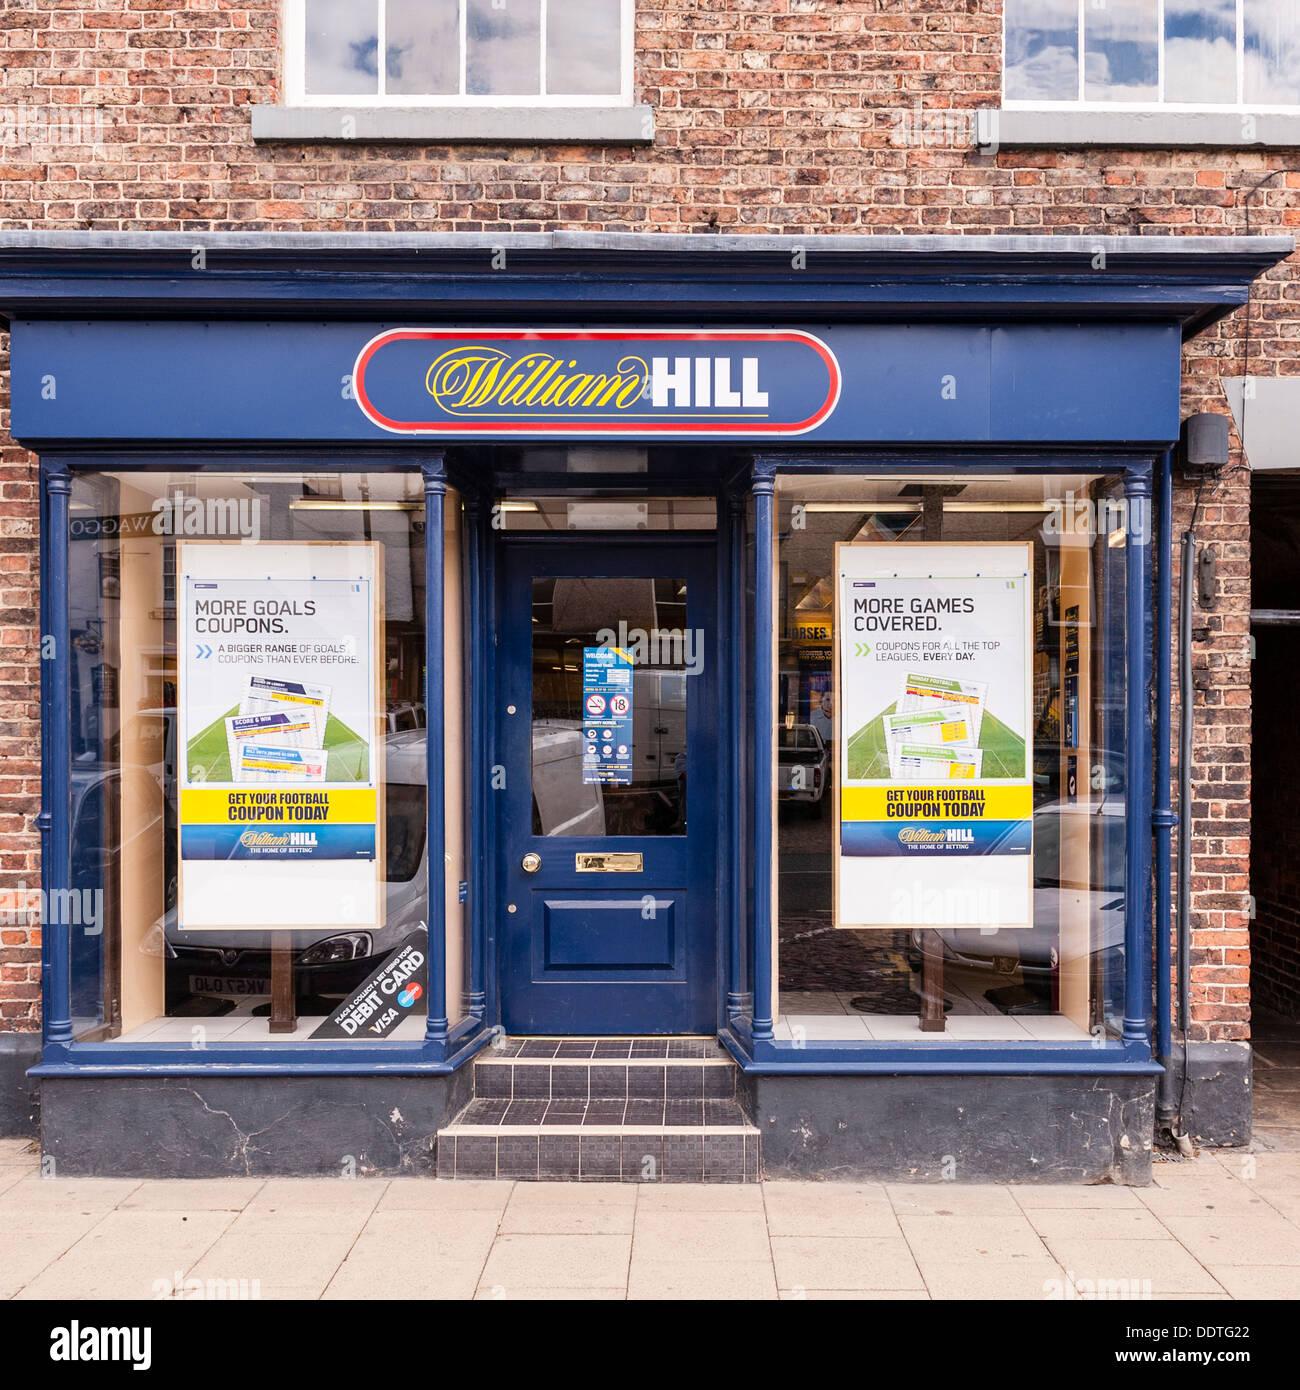 William hill stock william hill penicuik